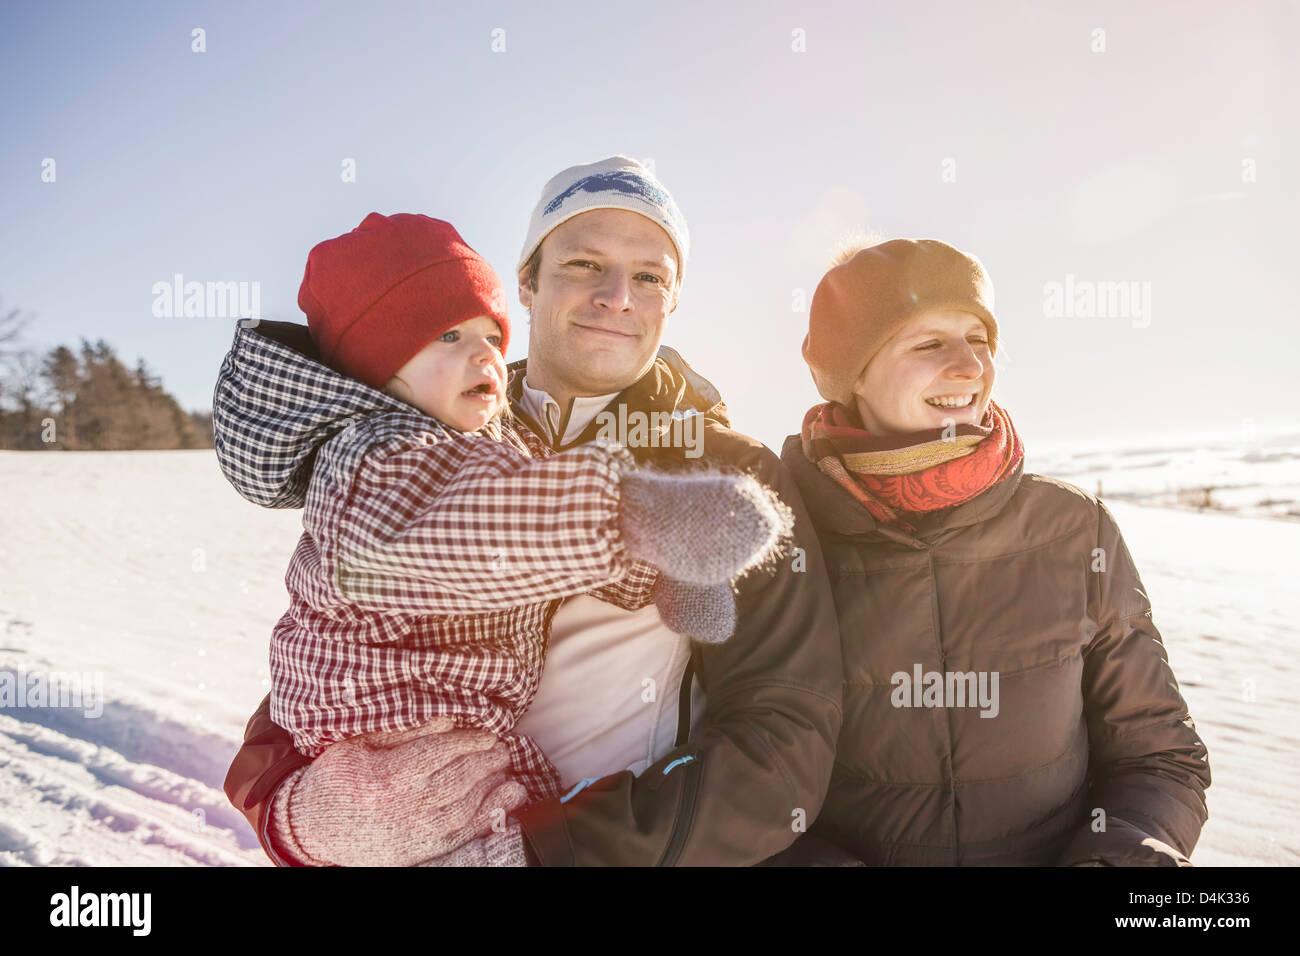 Familia sonriente caminando en la nieve Imagen De Stock